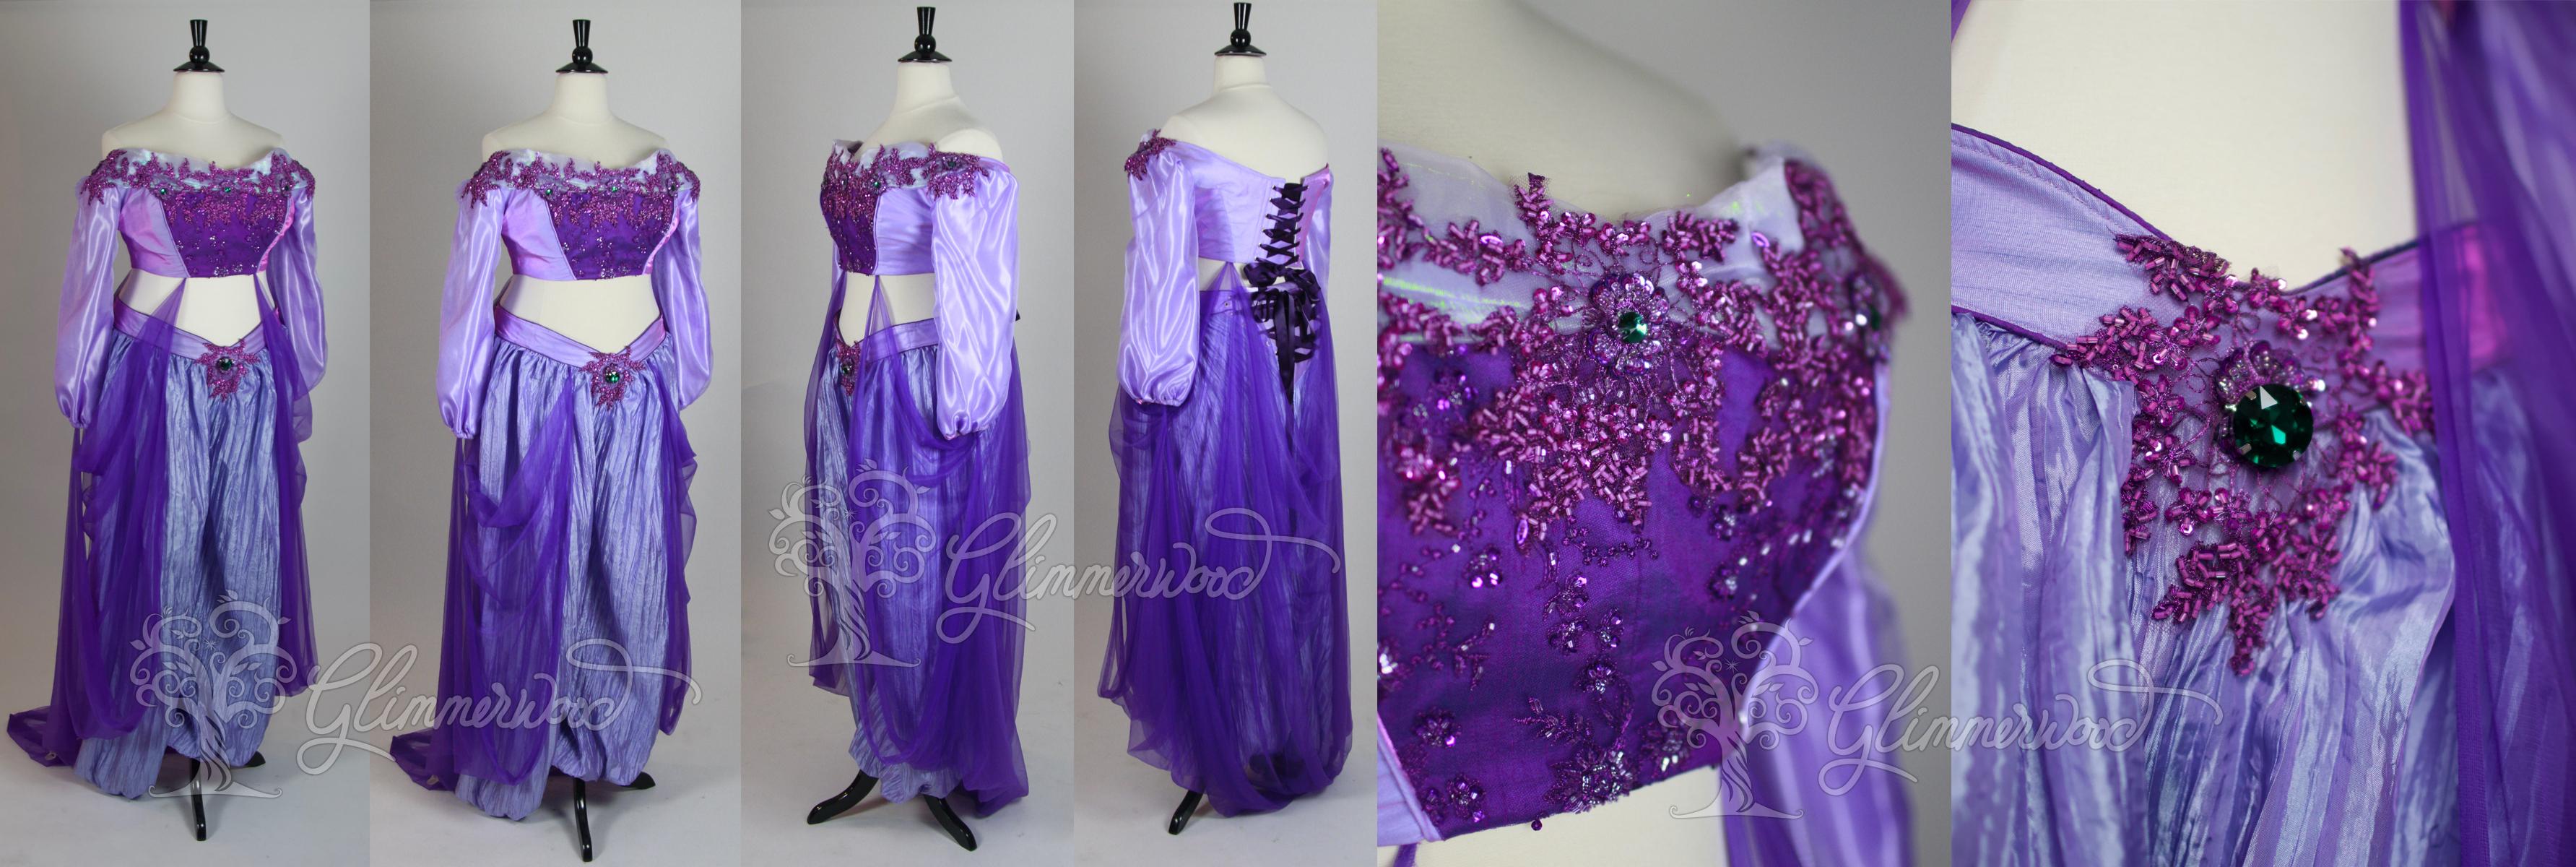 Lavender Jasmine